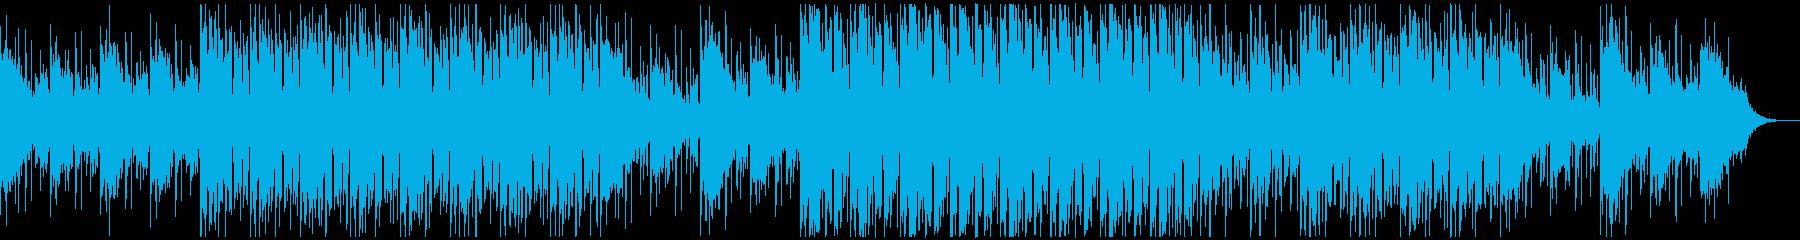 ニュース報道、サイバー、アンビエントの再生済みの波形